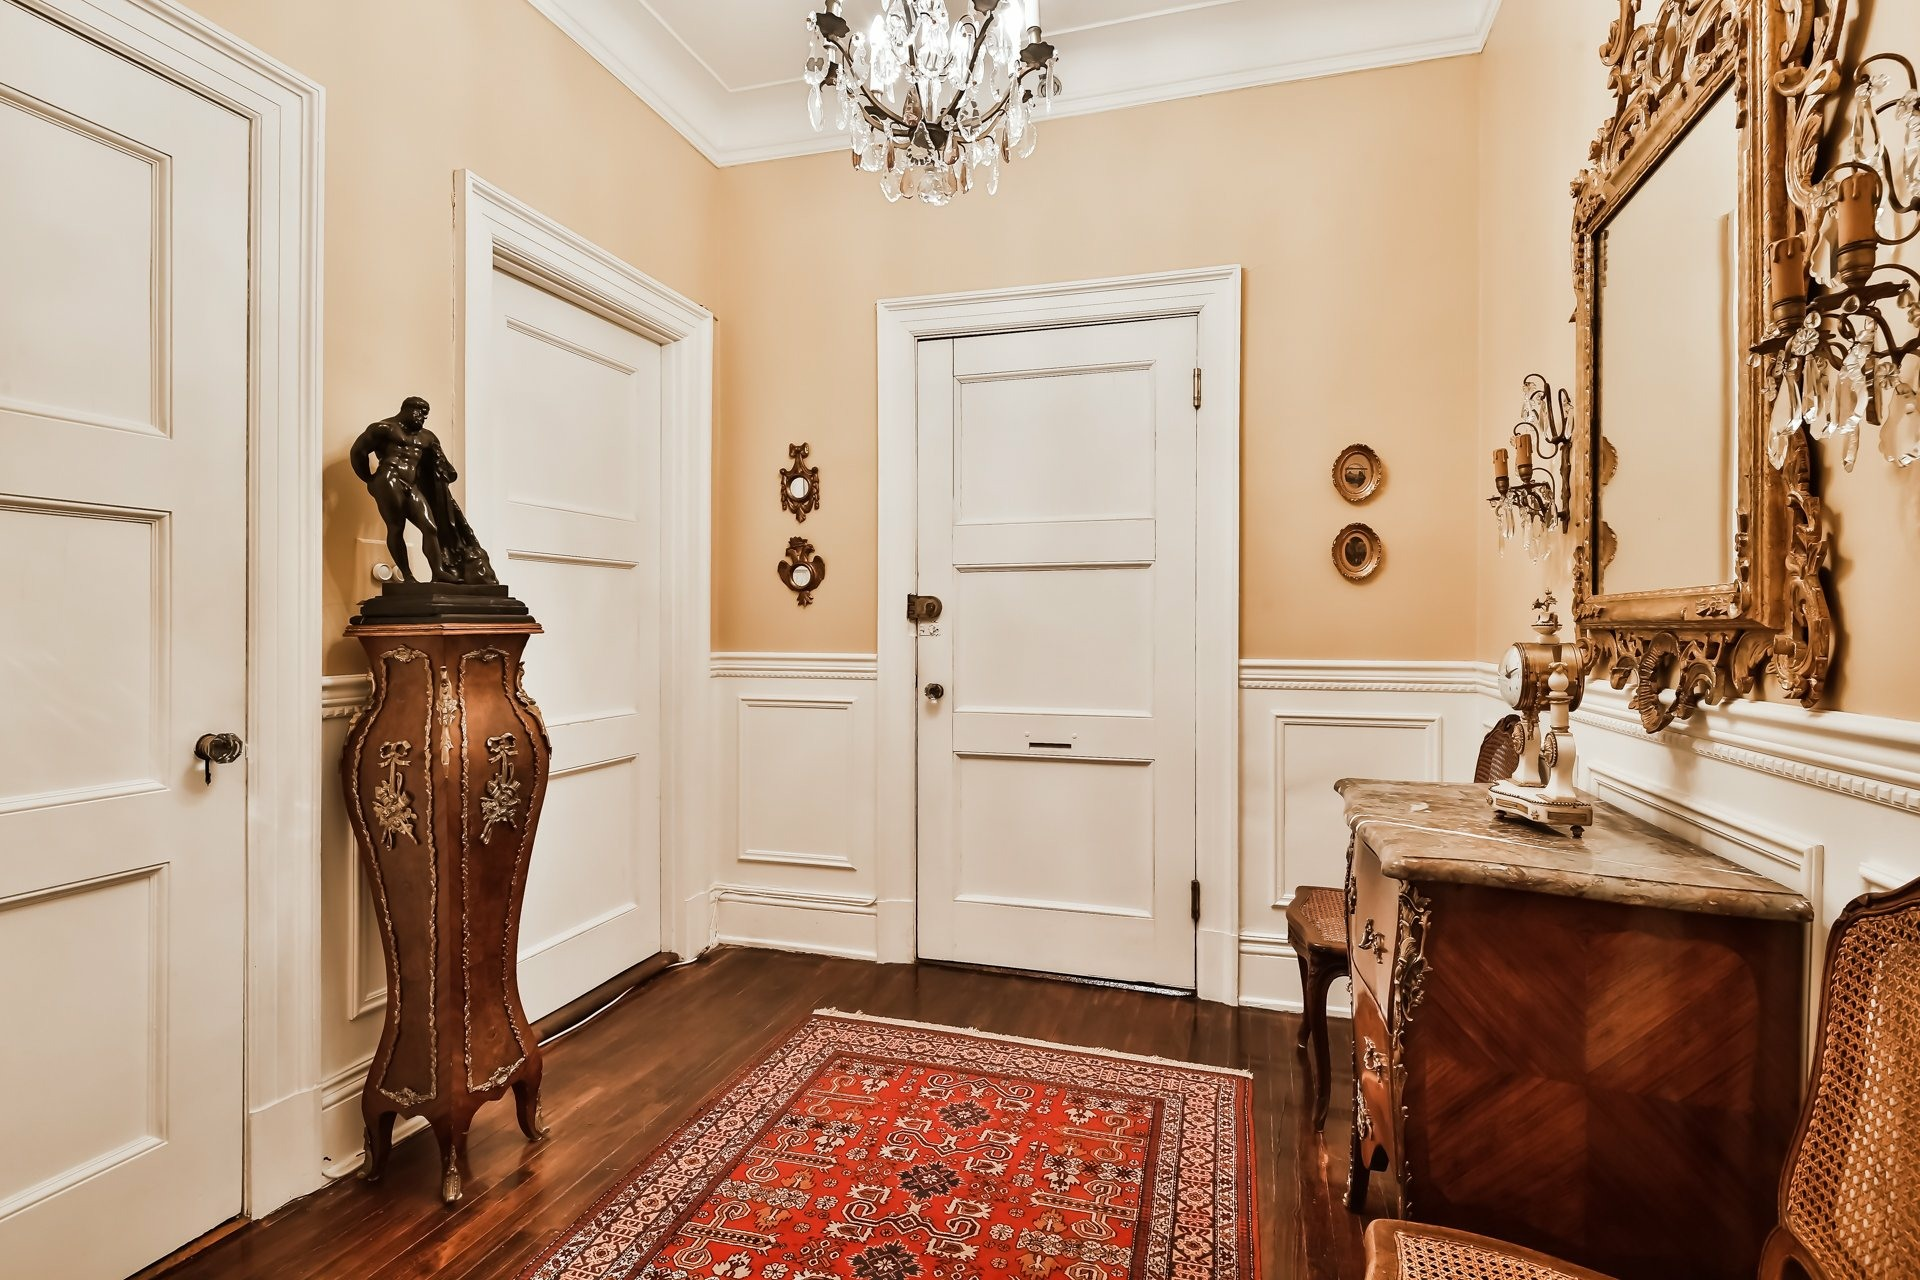 image 5 - Appartement À vendre Montréal Ville-Marie  - 6 pièces